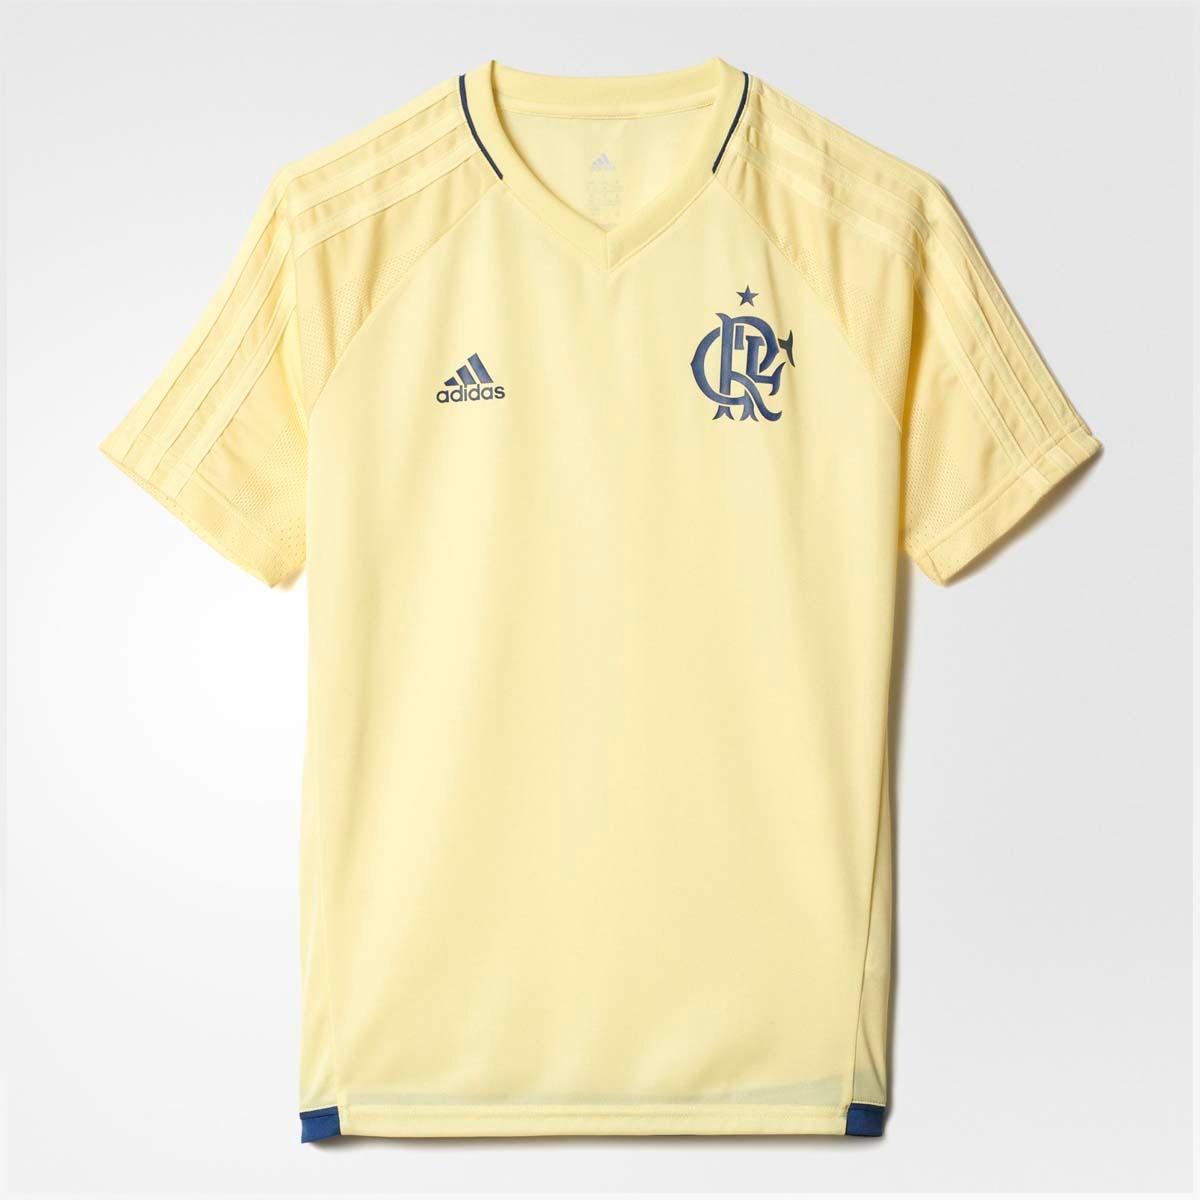 camisa infantil flamengo treino cr adidas amarelo. Carregando zoom. 394e86d94e702